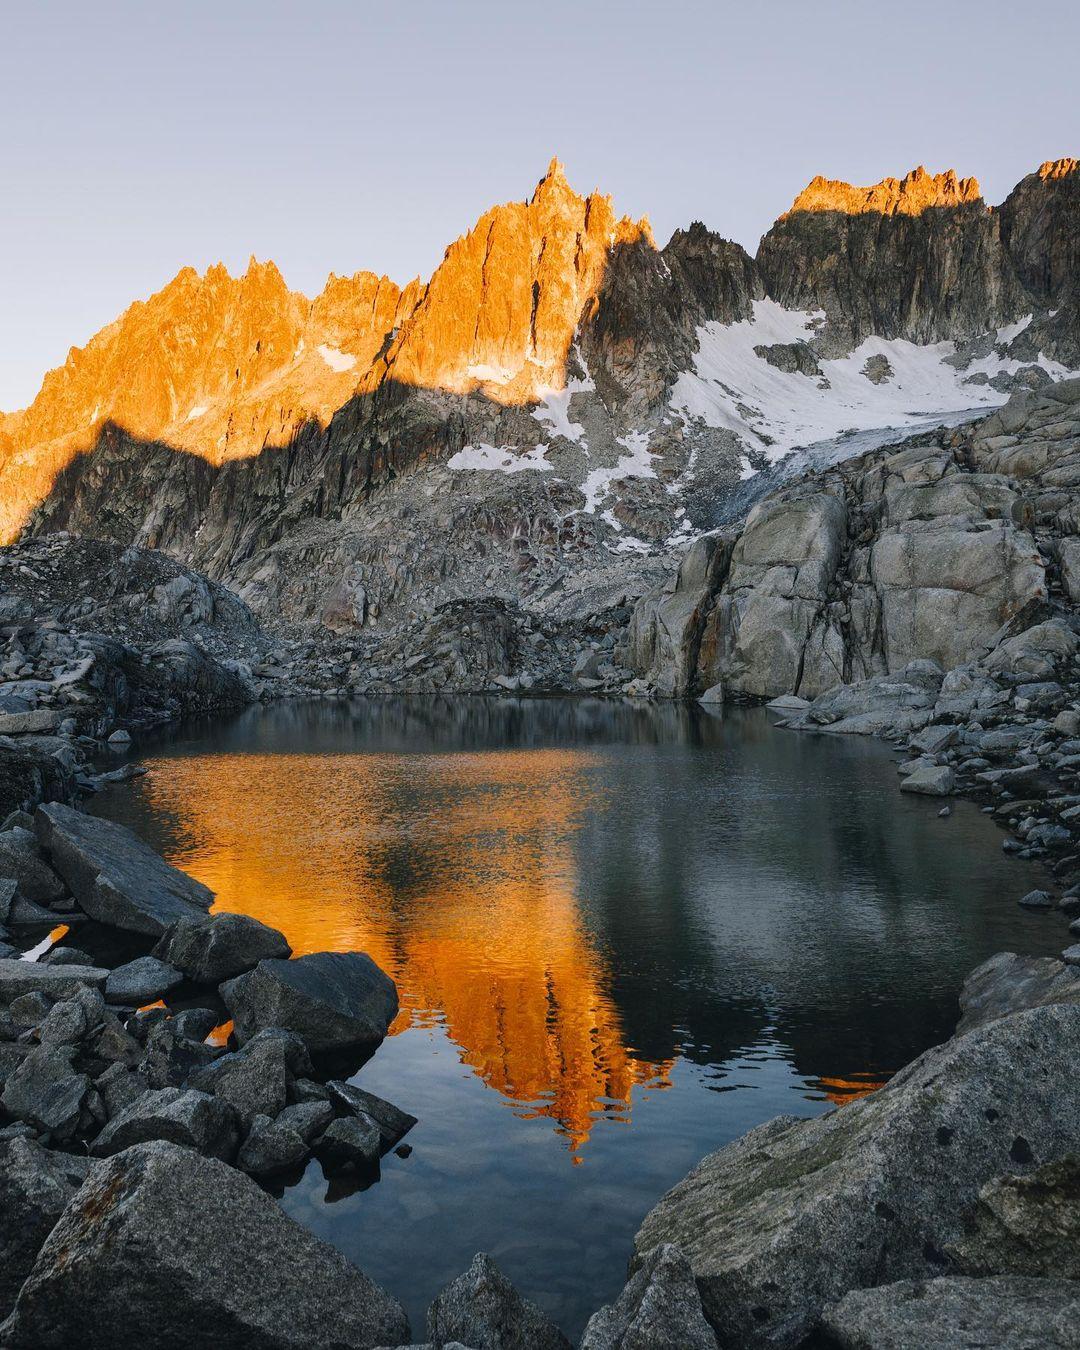 Природные пейзажи и путешествия на снимках Даниэля Овербека